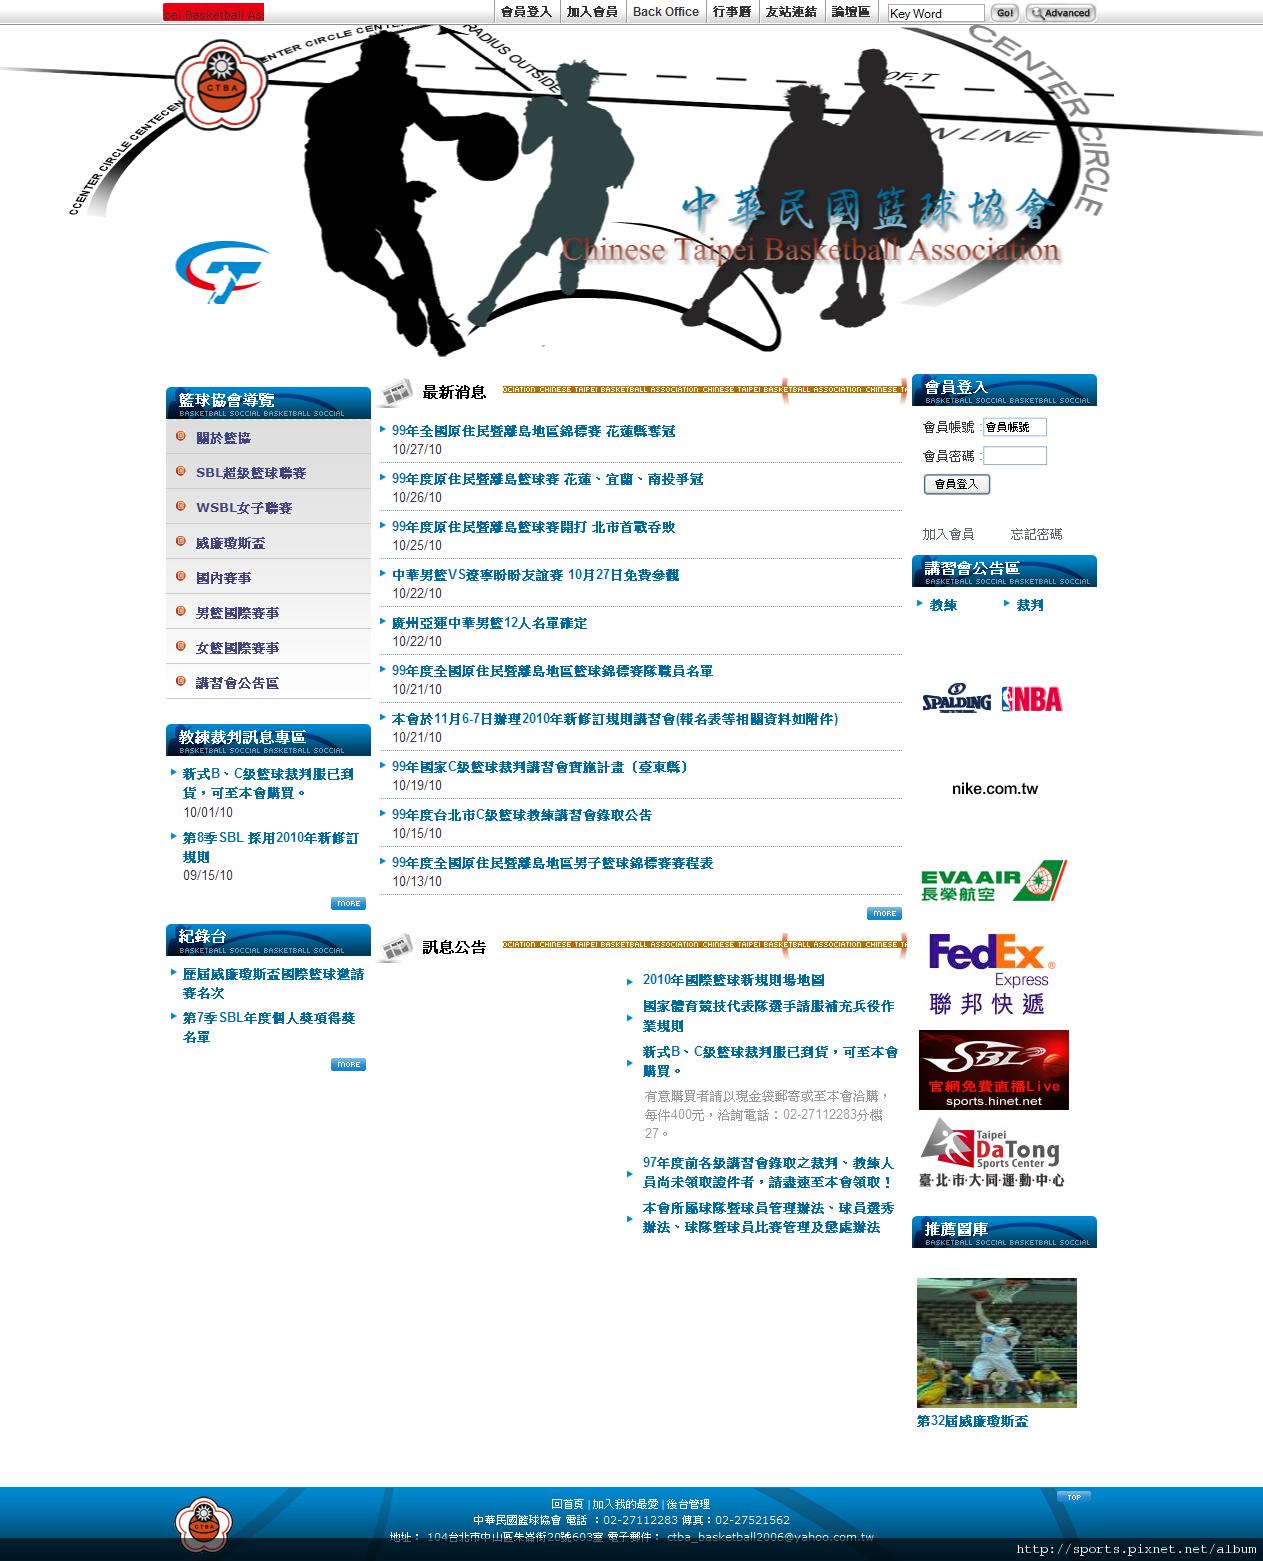 中華民國籃球協會官方網站_1288237376778.png